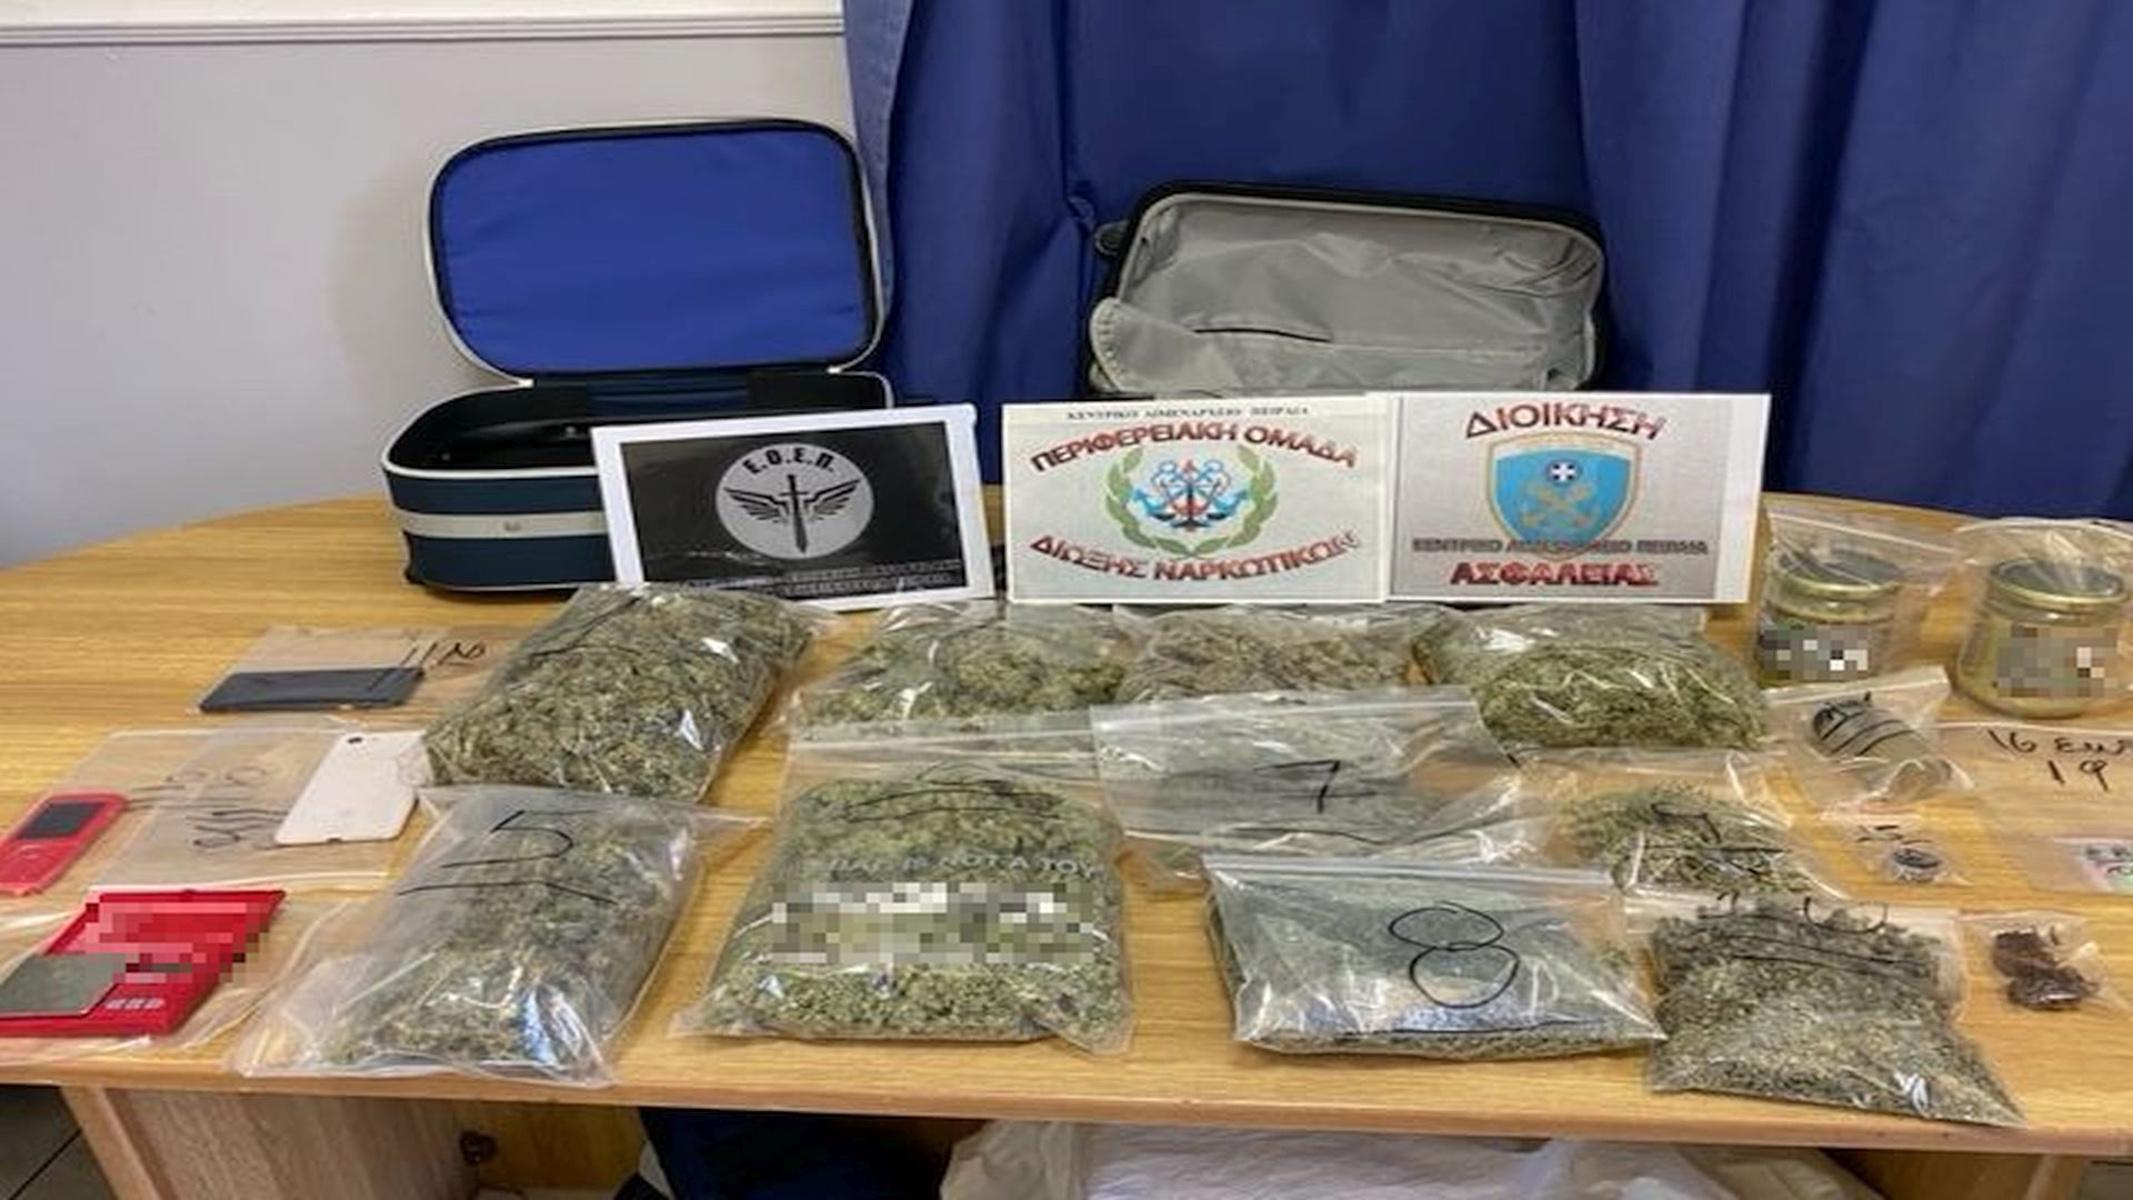 Σύλληψη 38χρονου για ναρκωτικά – Τα διαφήμισε μέσω ιστοσελίδων (pics)